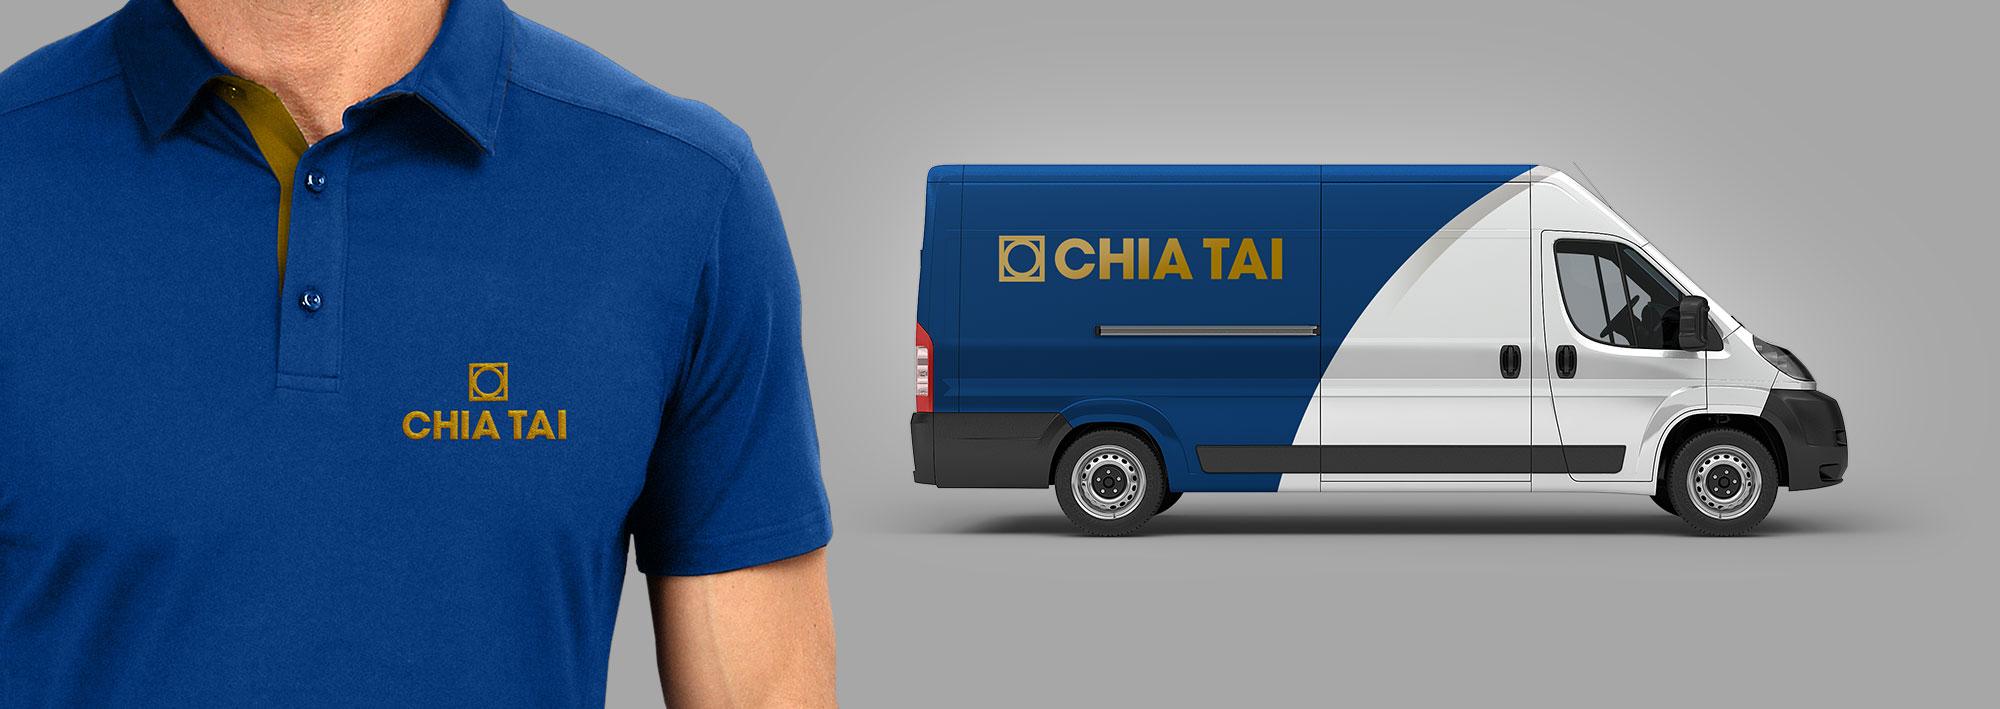 Chia Tai Branding